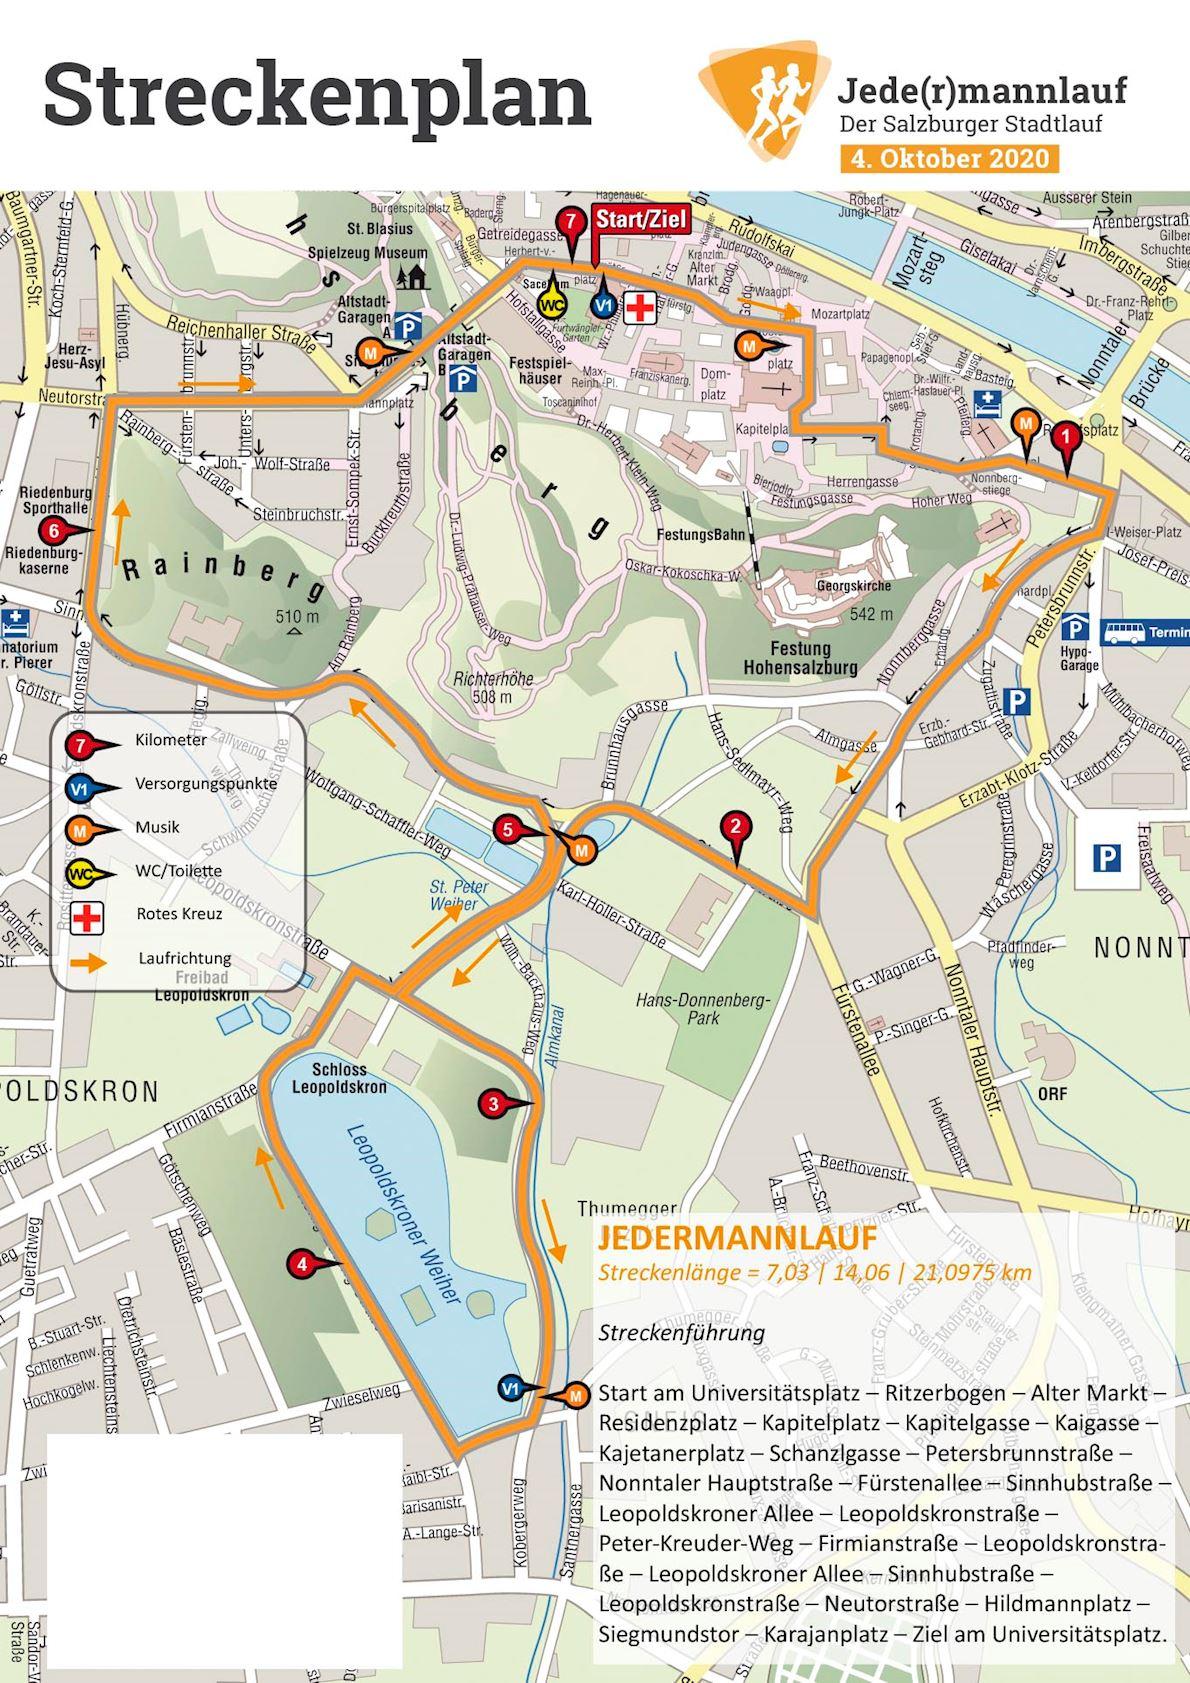 Jedermannlauf Salzburg Route Map